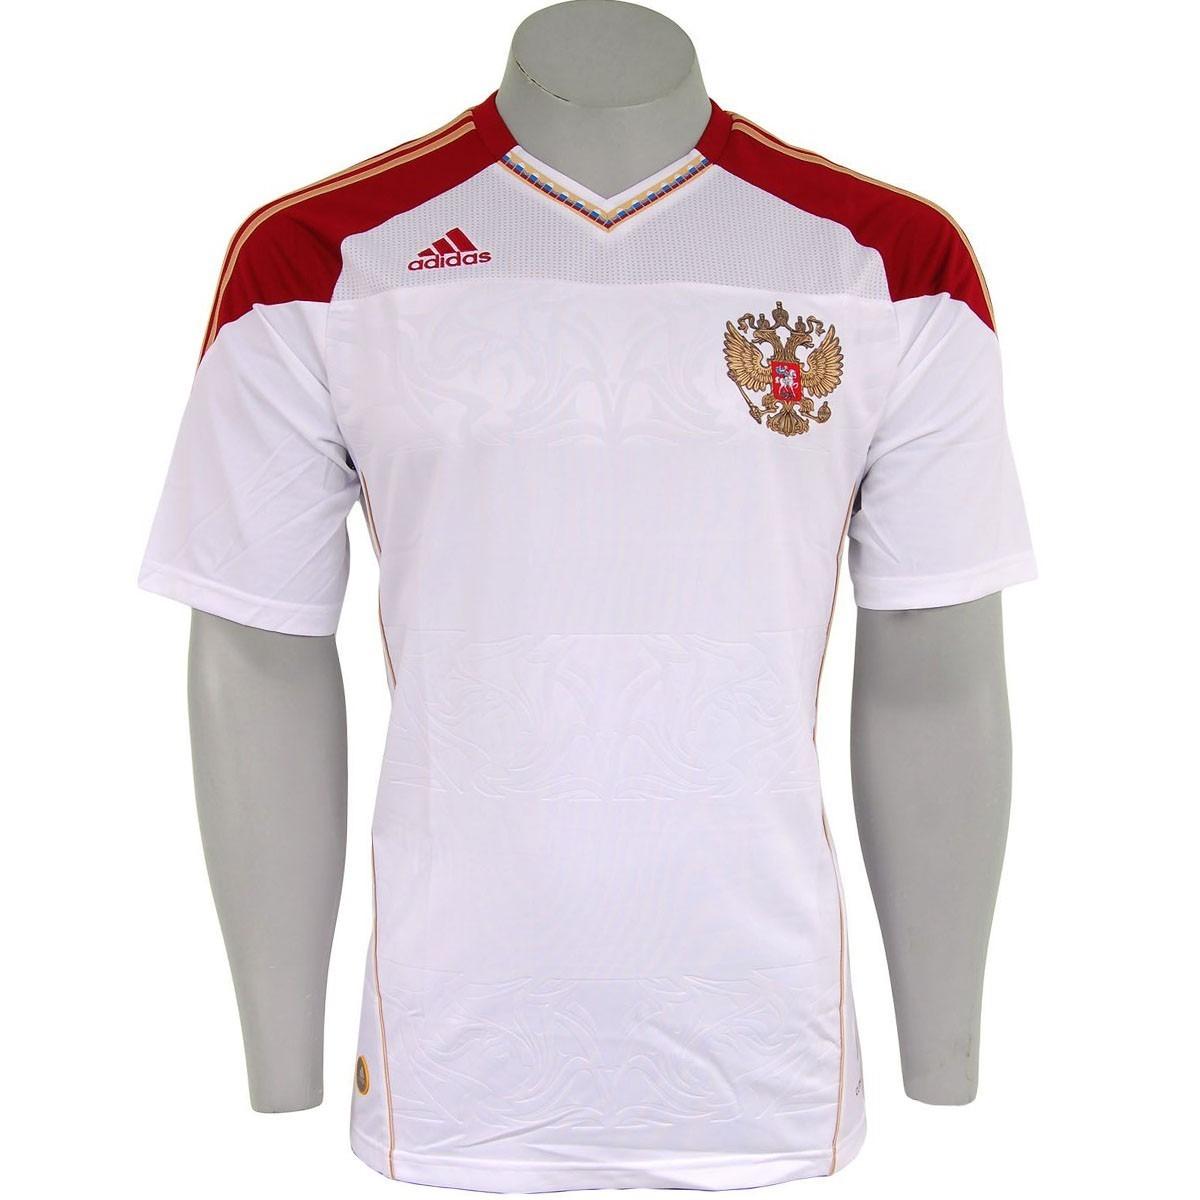 a6d4b66d99fda camisa russia adidas copa 2010 africa branca nova. Carregando zoom.